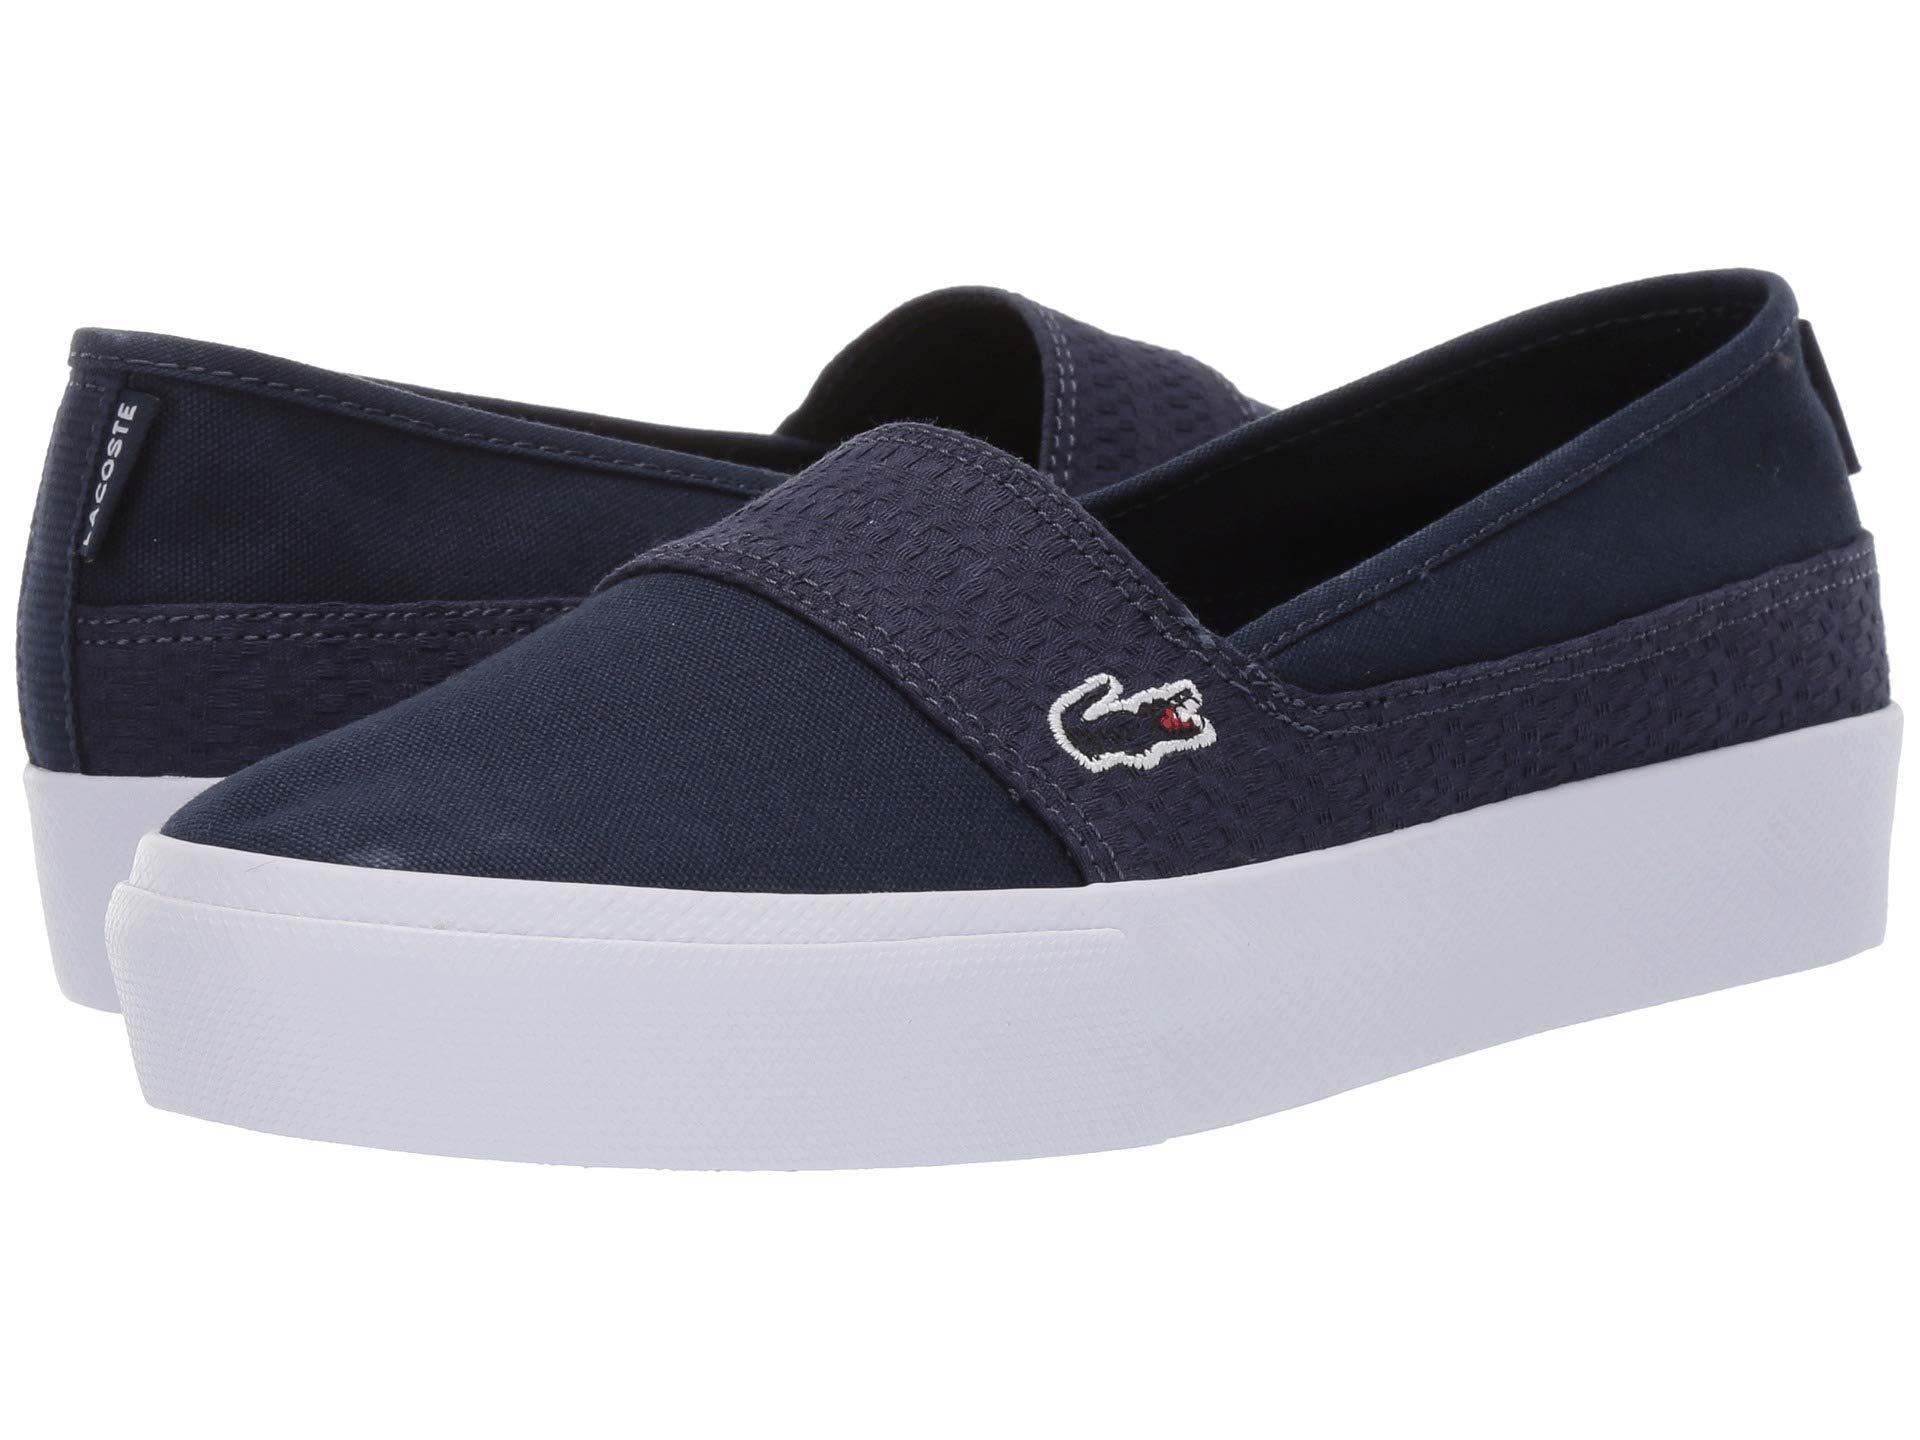 bc5e1c2e0 Lyst - Lacoste Marice Plus Grand 119 2 (white white) Women s Shoes ...